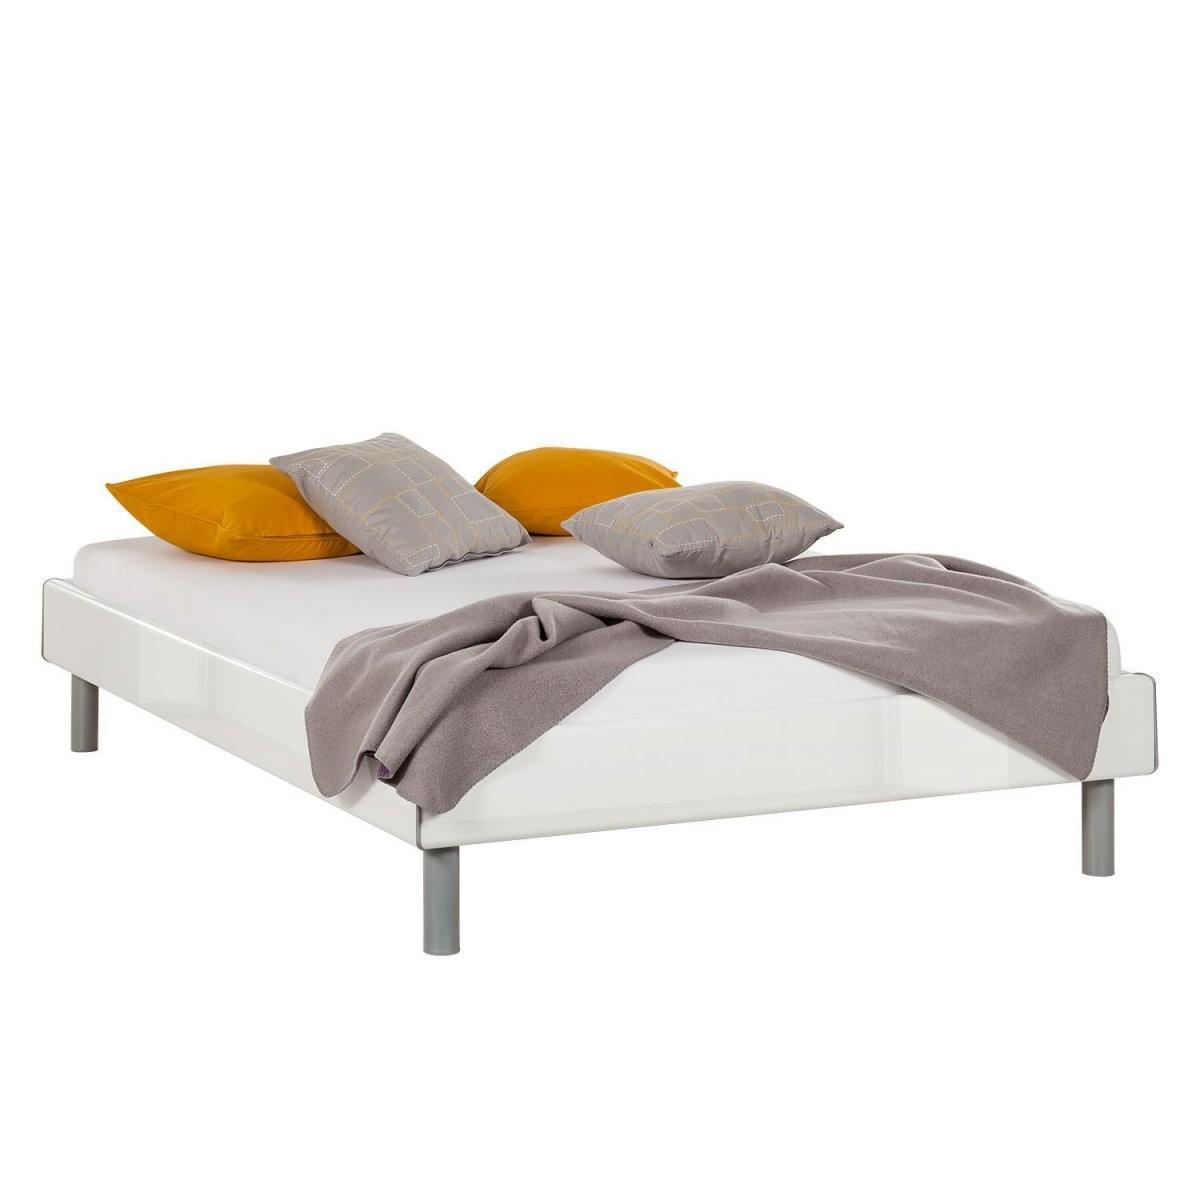 Awesome Bett Ohne Kopfteil Weiß Dekoration Bild Idee Bett 140 X 200 von Bett Weiß Ohne Kopfteil Photo